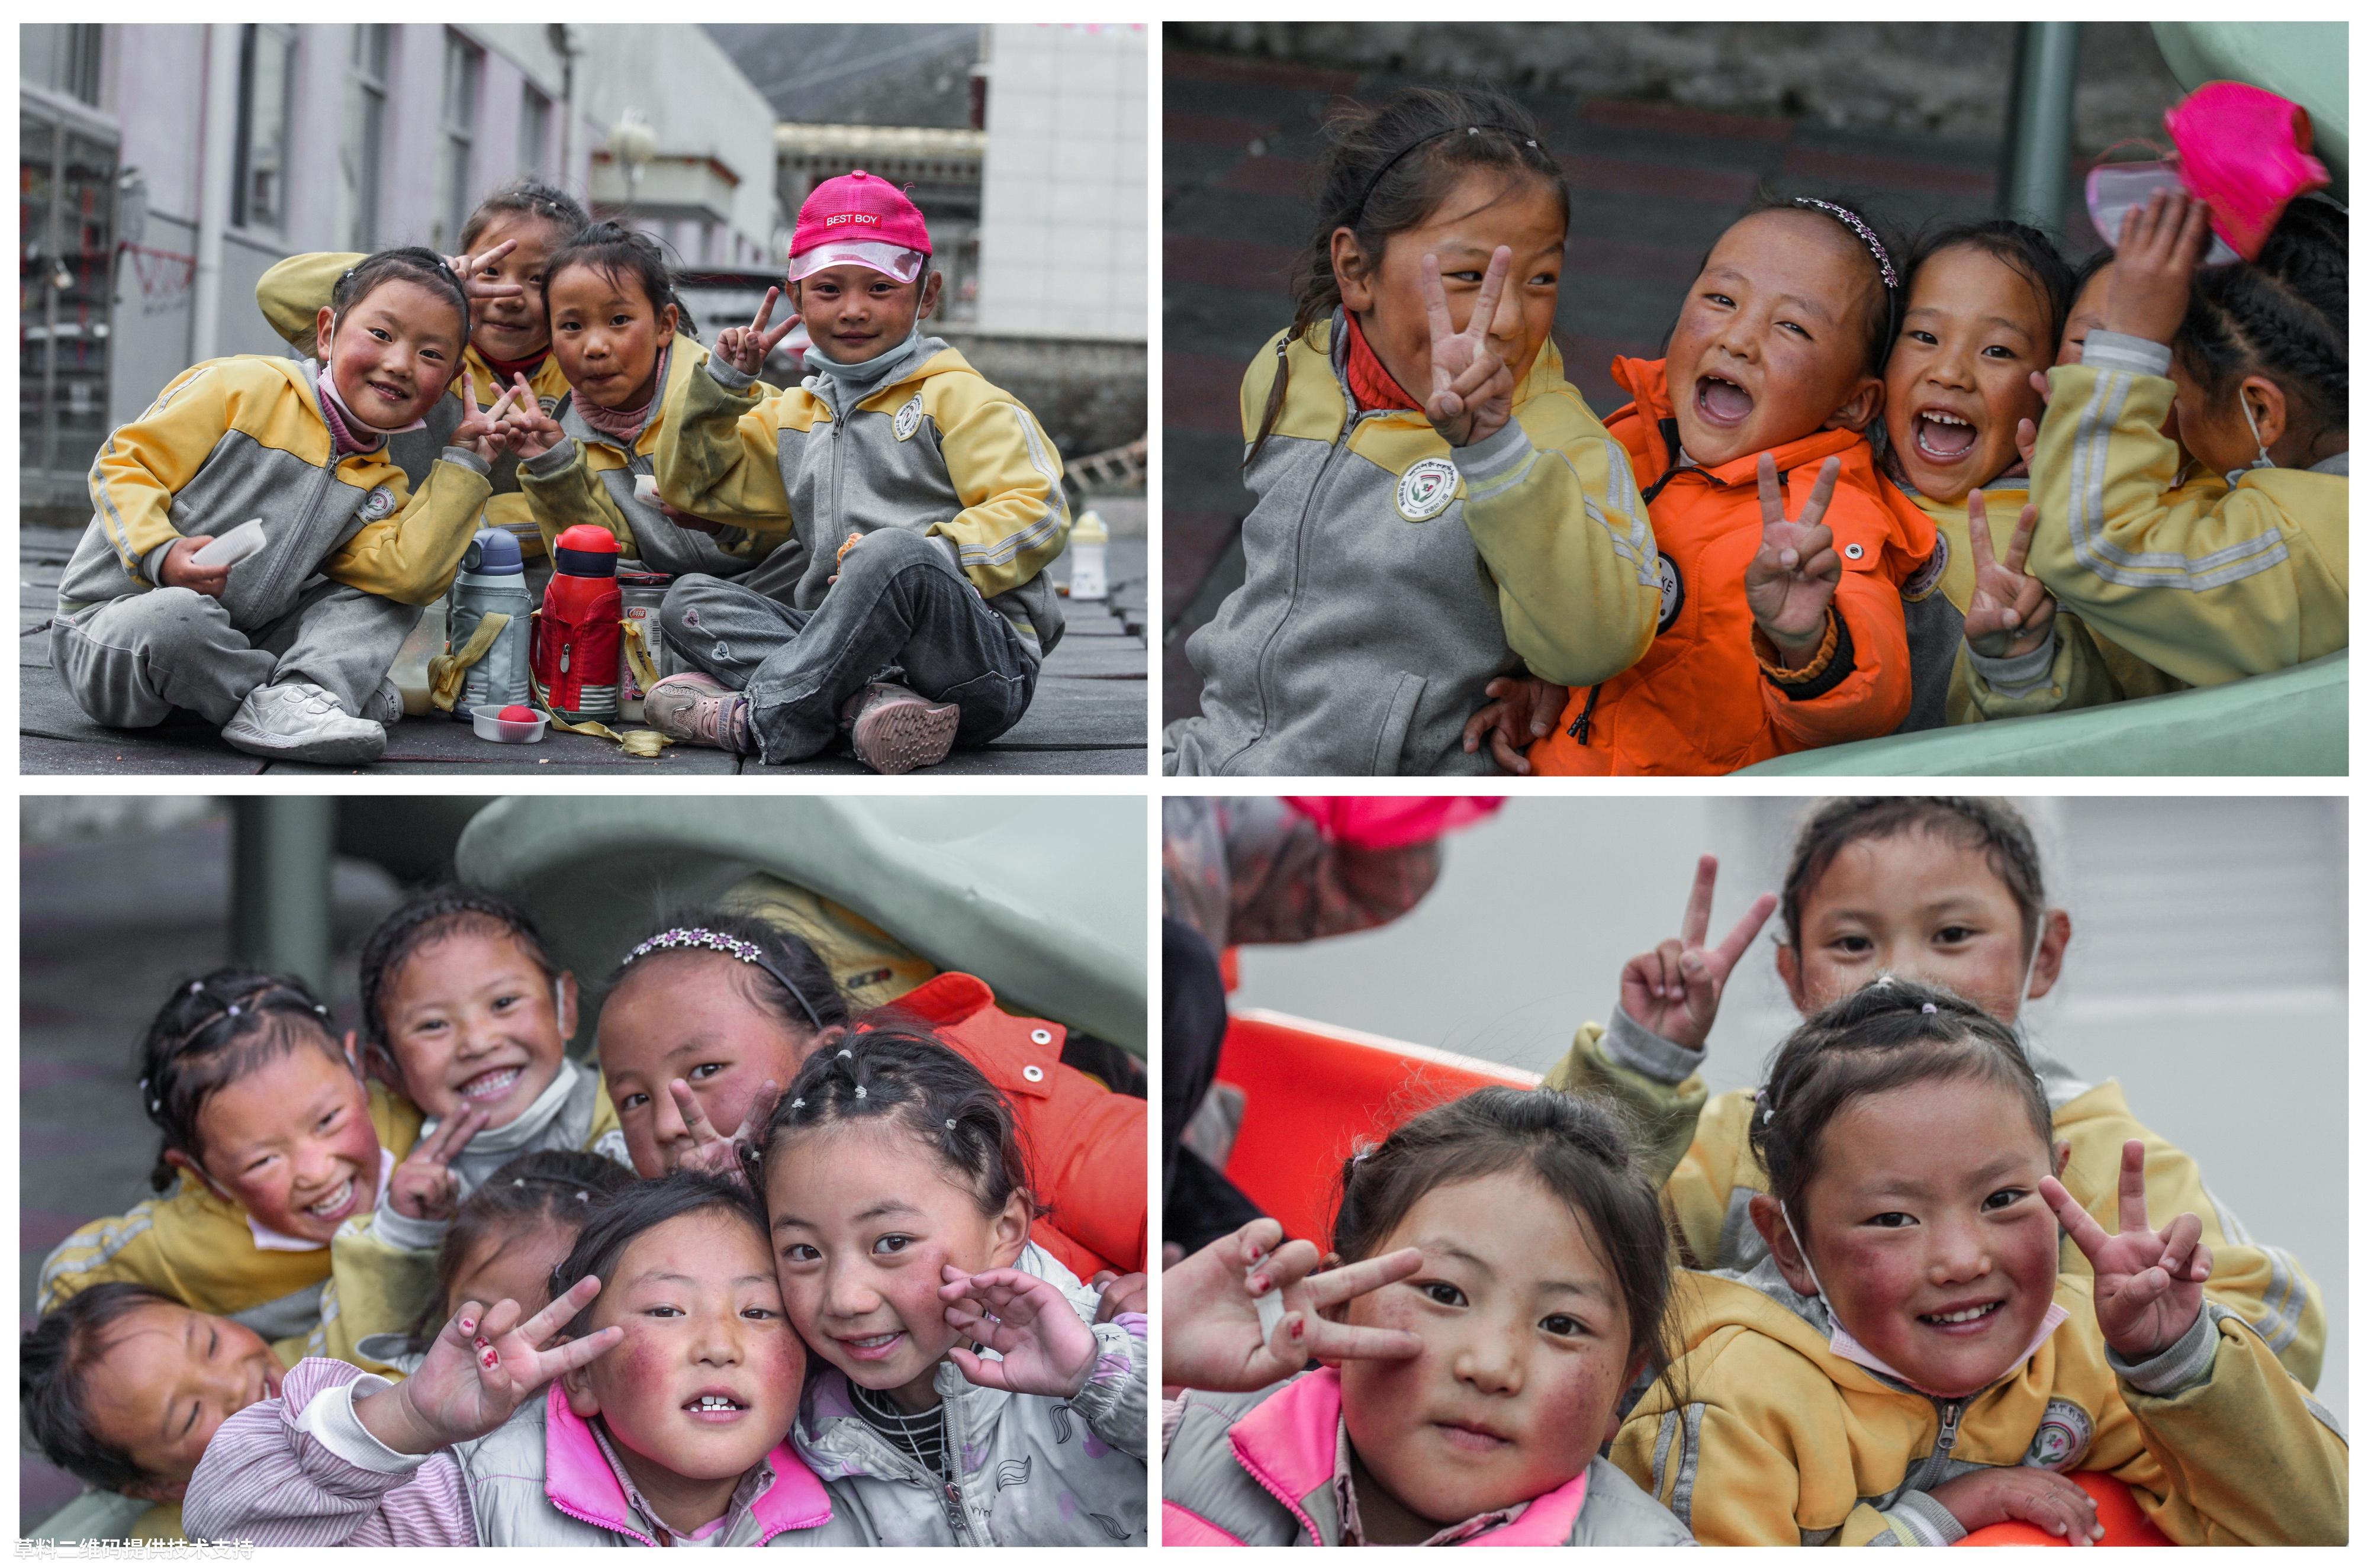 格桑伦珠《童年的合影》Canon,生长在高原偏僻地带的小孩、每次拿起相机拍他们的时候一直以羞涩而又天真无邪的笑容打动着拍客的心。说实话,对于一个拍客而言,这种的笑容是多么纯真而温馨。愿看到照片的所有人都能感受到温暖。.jpg